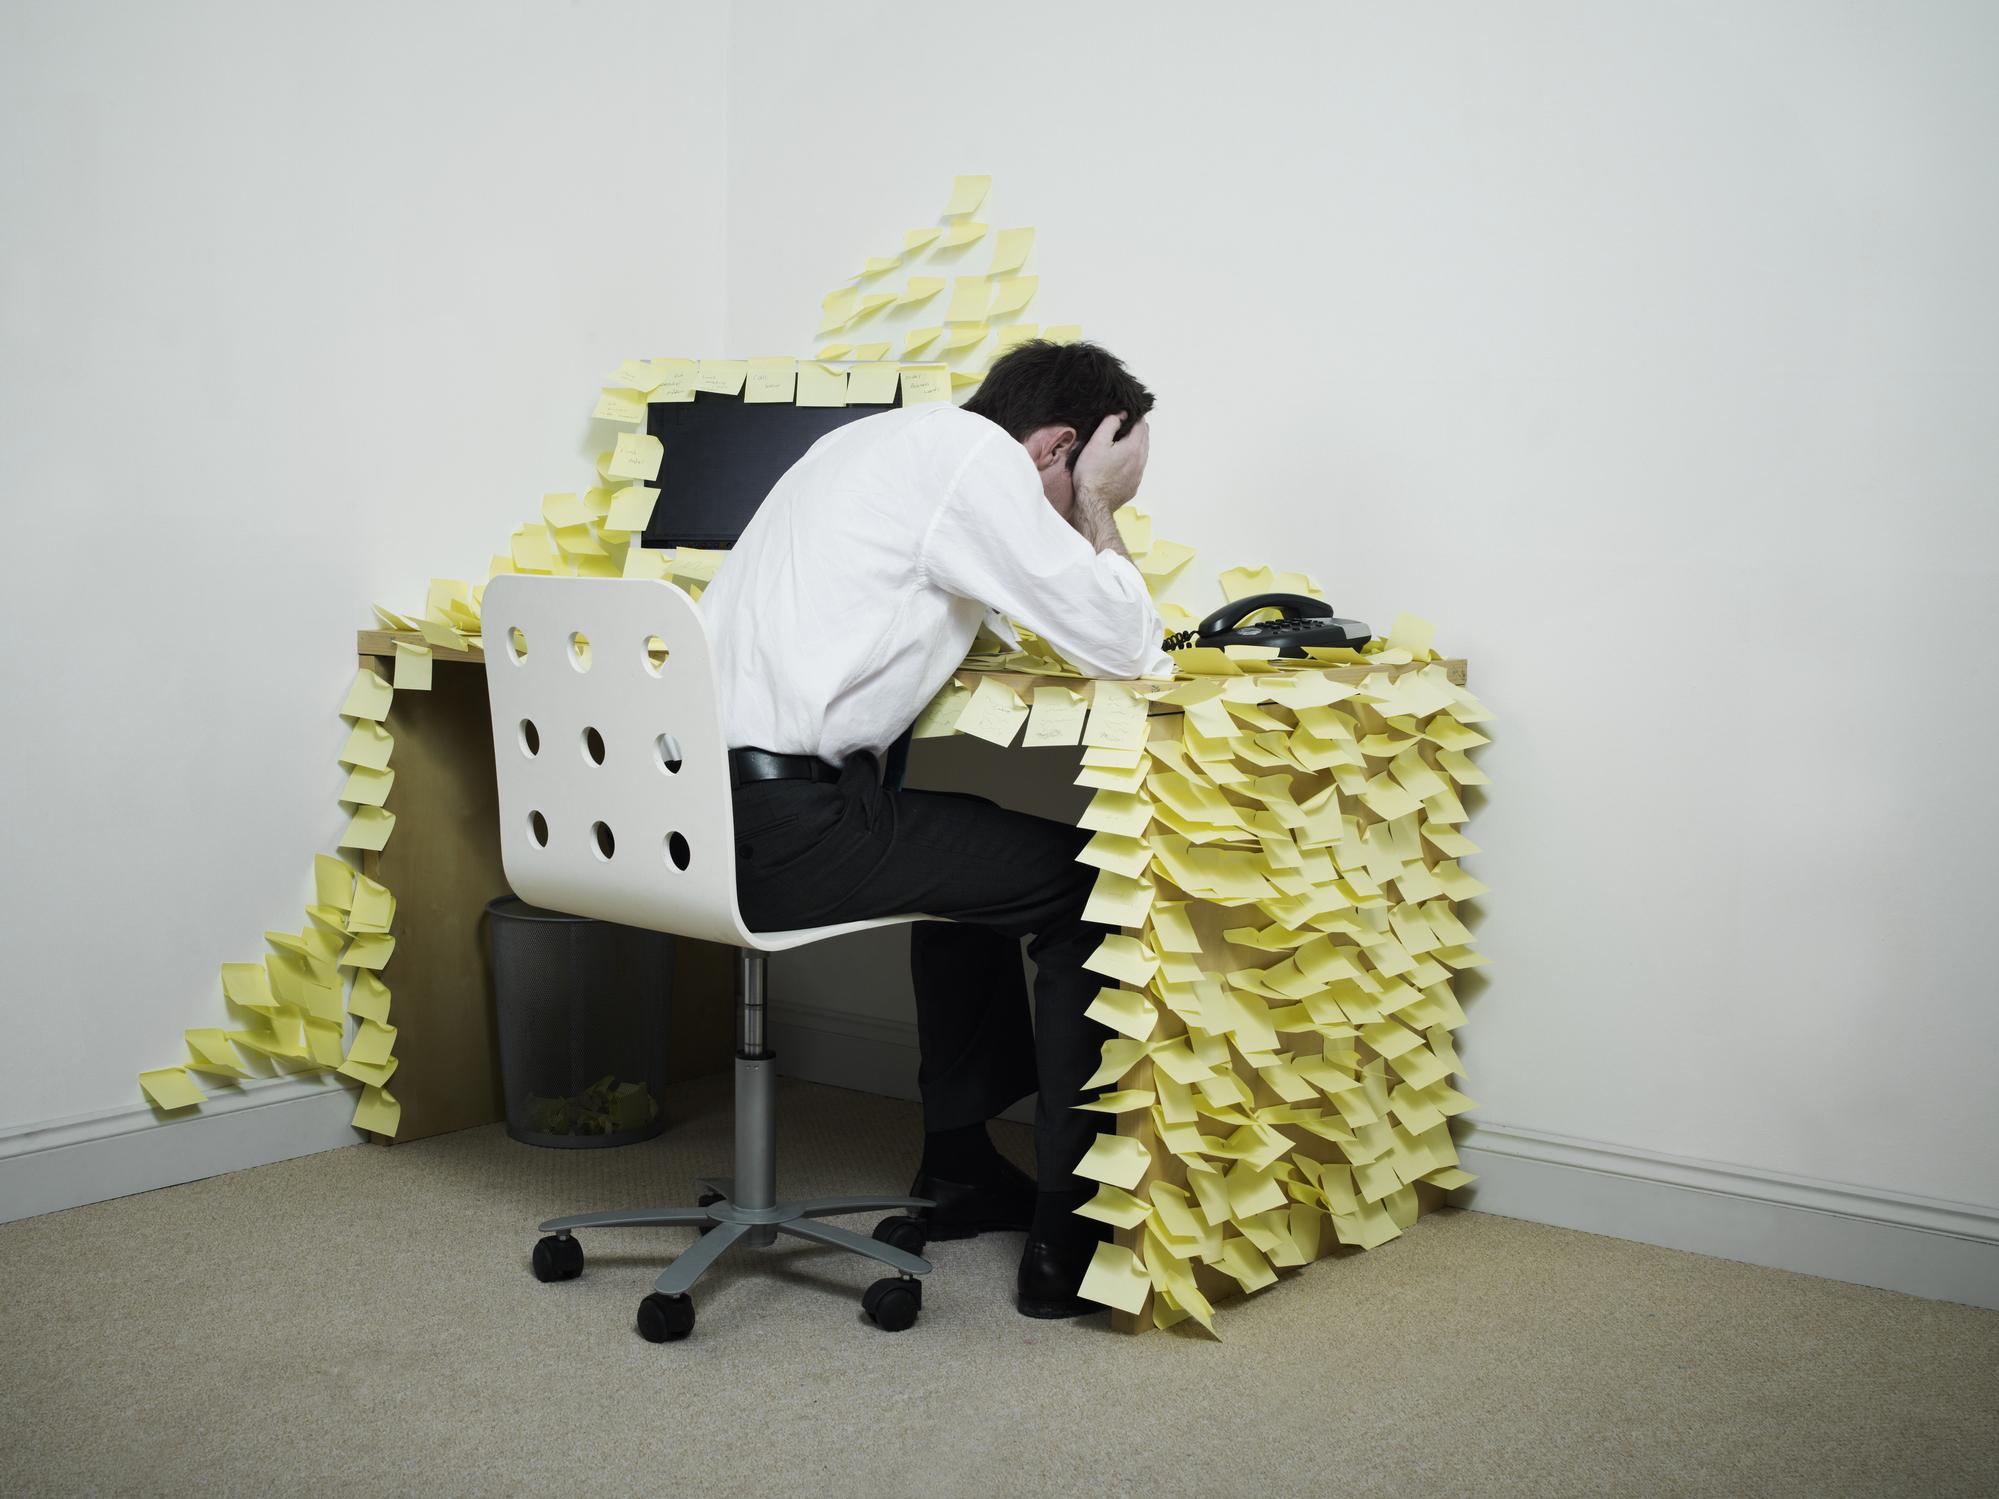 Imagem de trabalhador estressado com mensagens em sua mesa